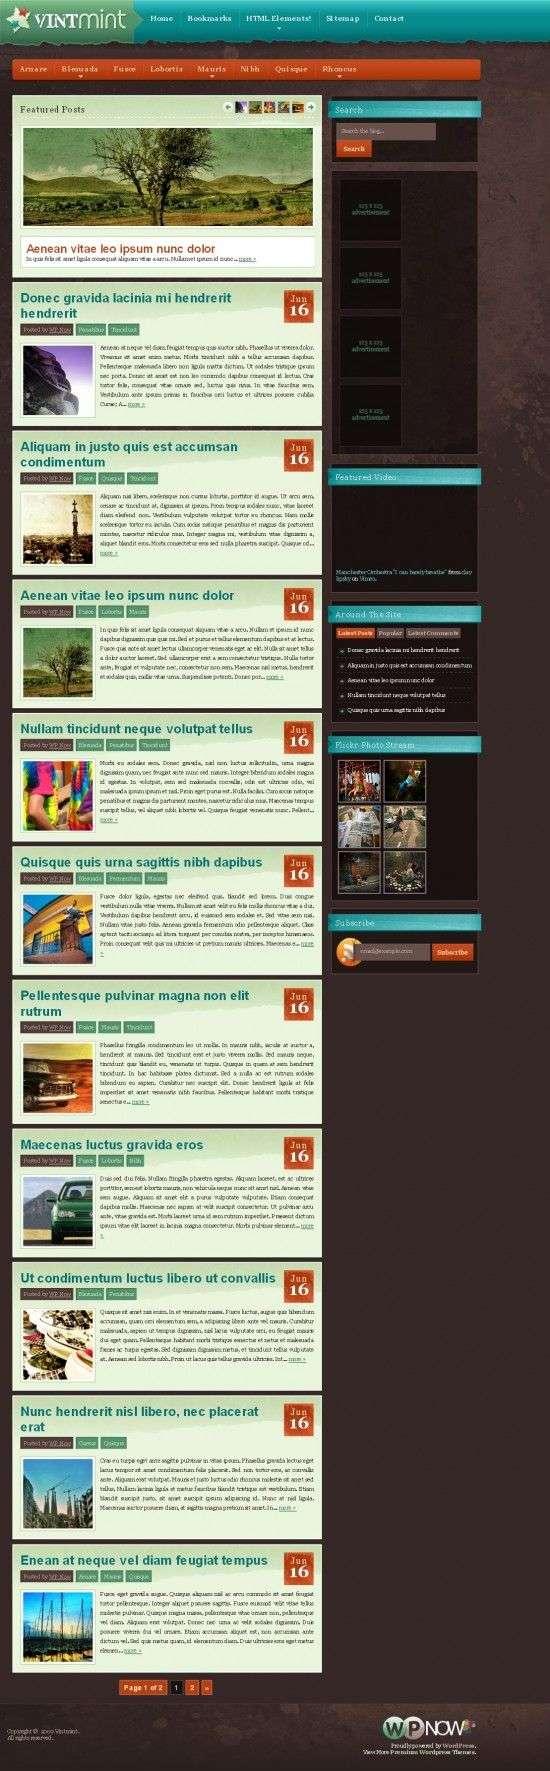 vintmint wpnow avjthemescom 550x1771 - VintMint WordPress Theme